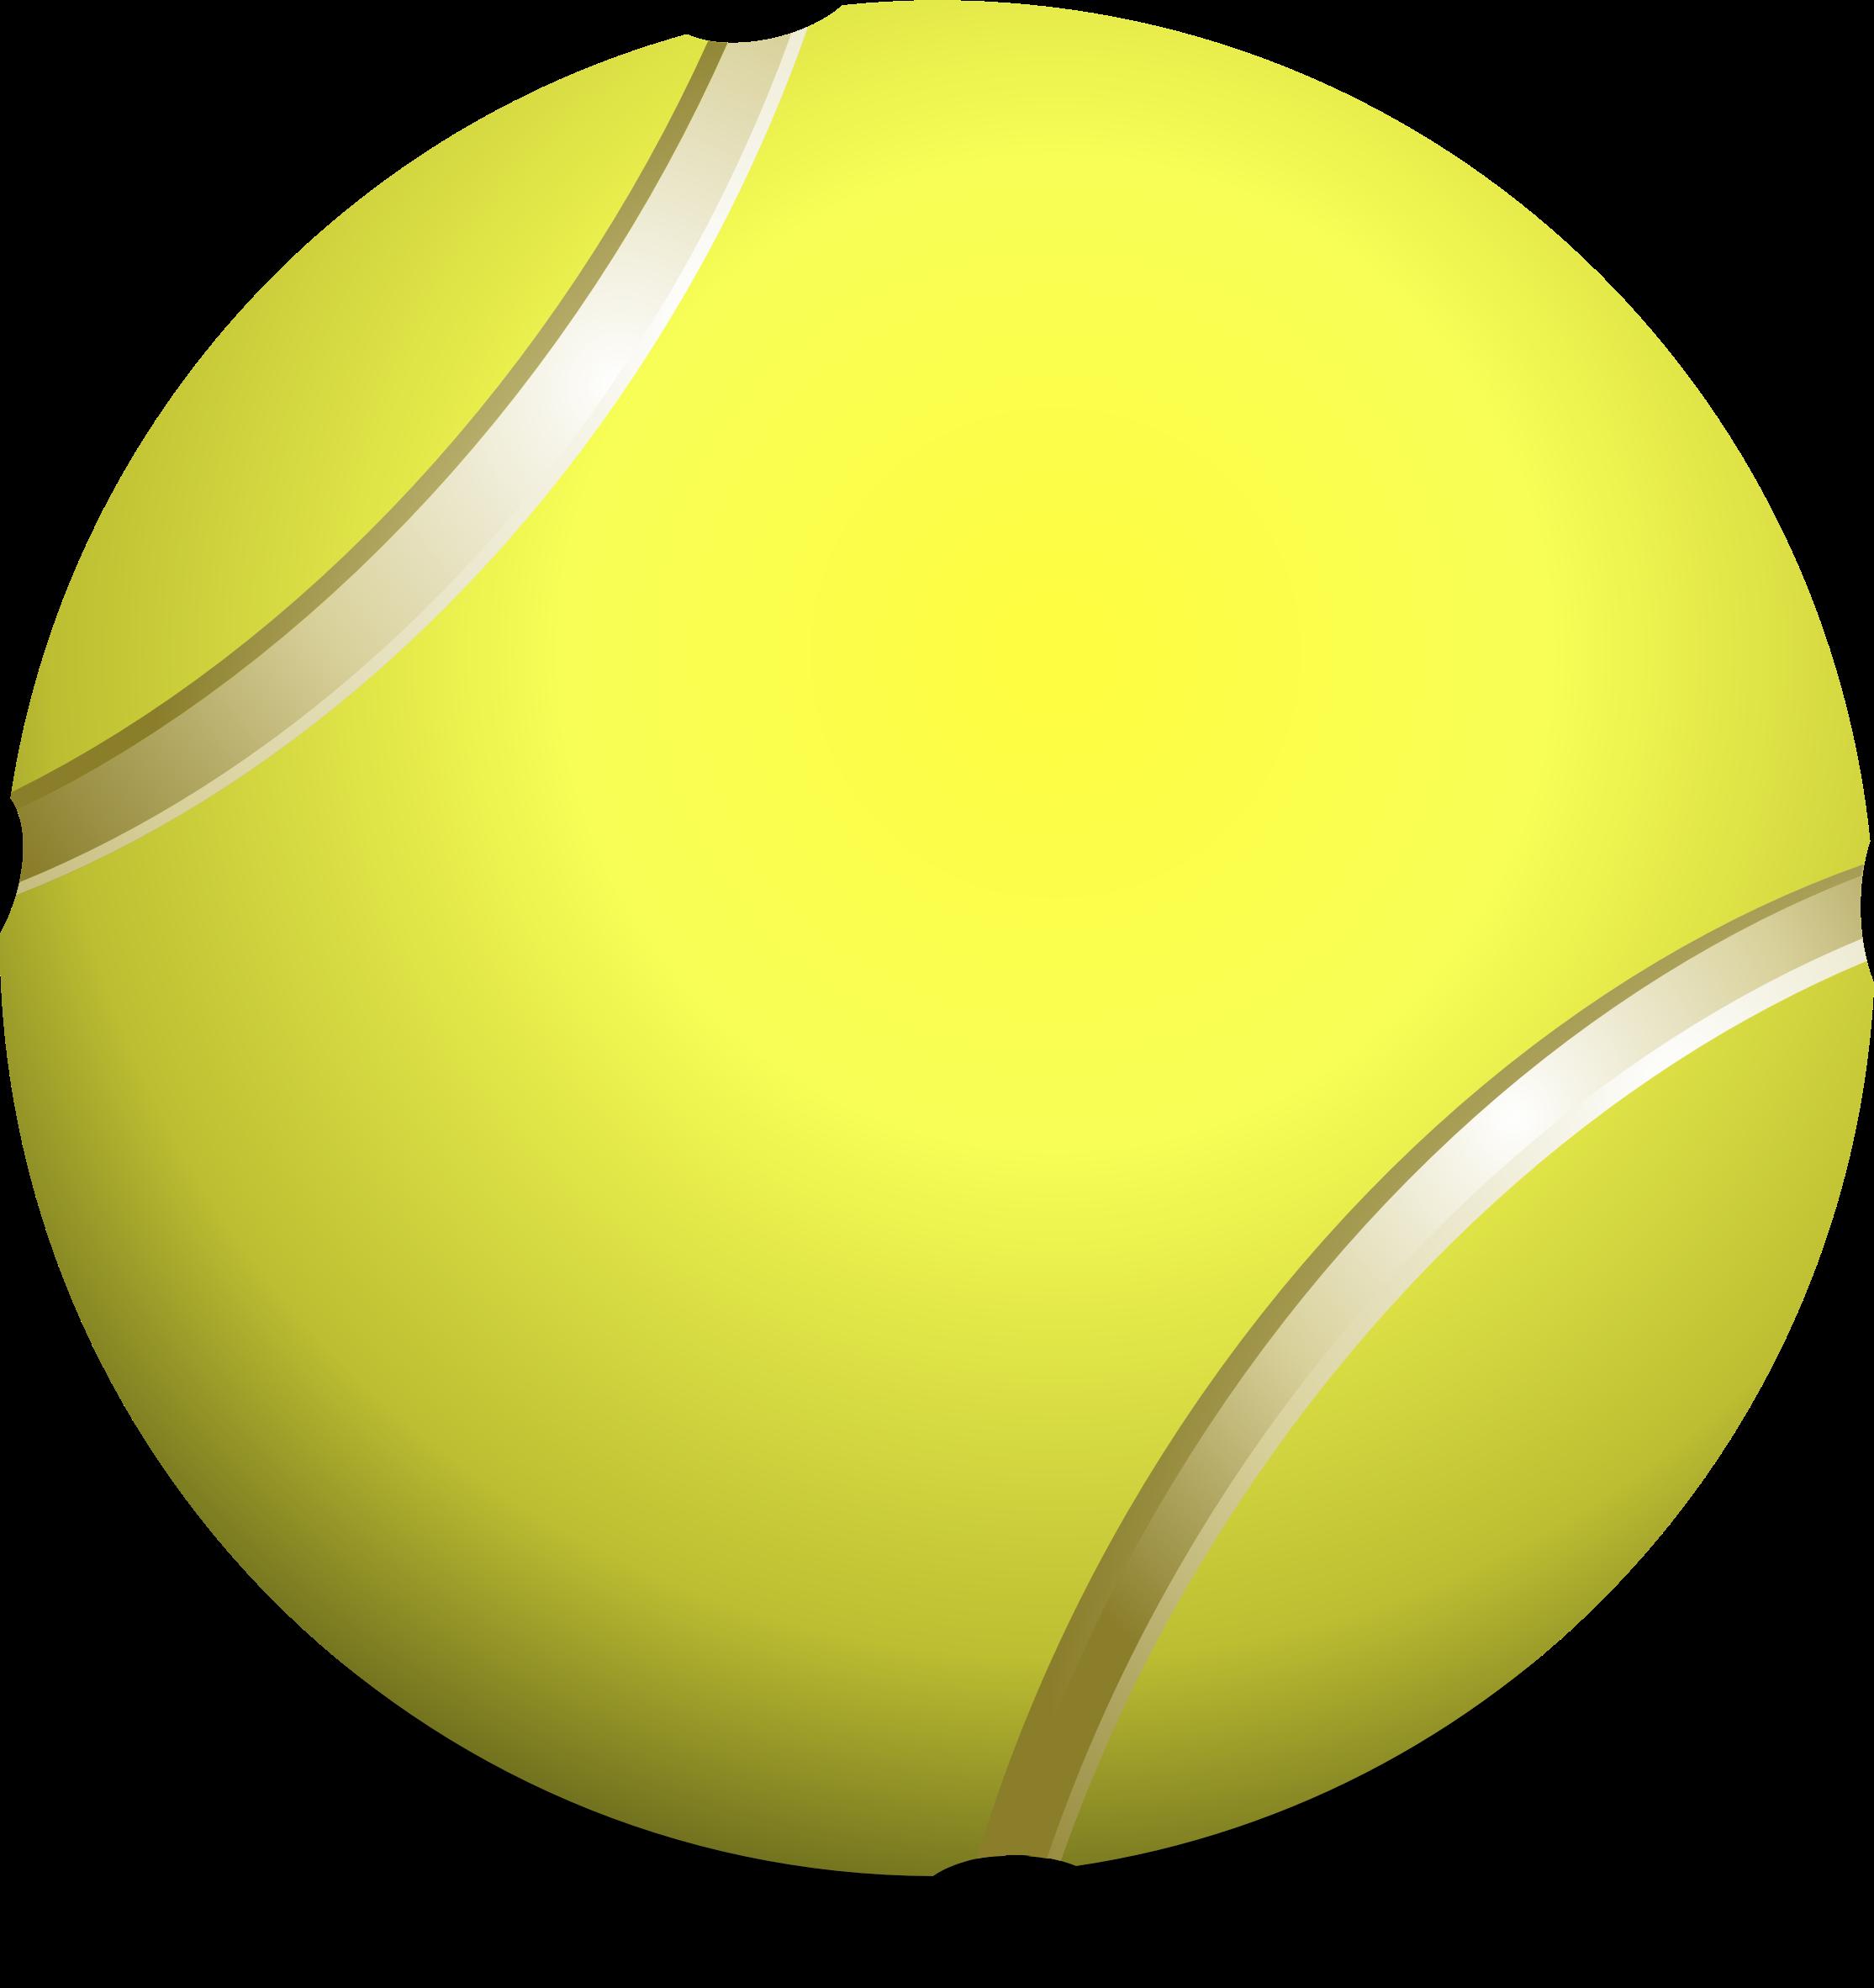 Clipart tennis ball, teniso kamuoliukas #1794.